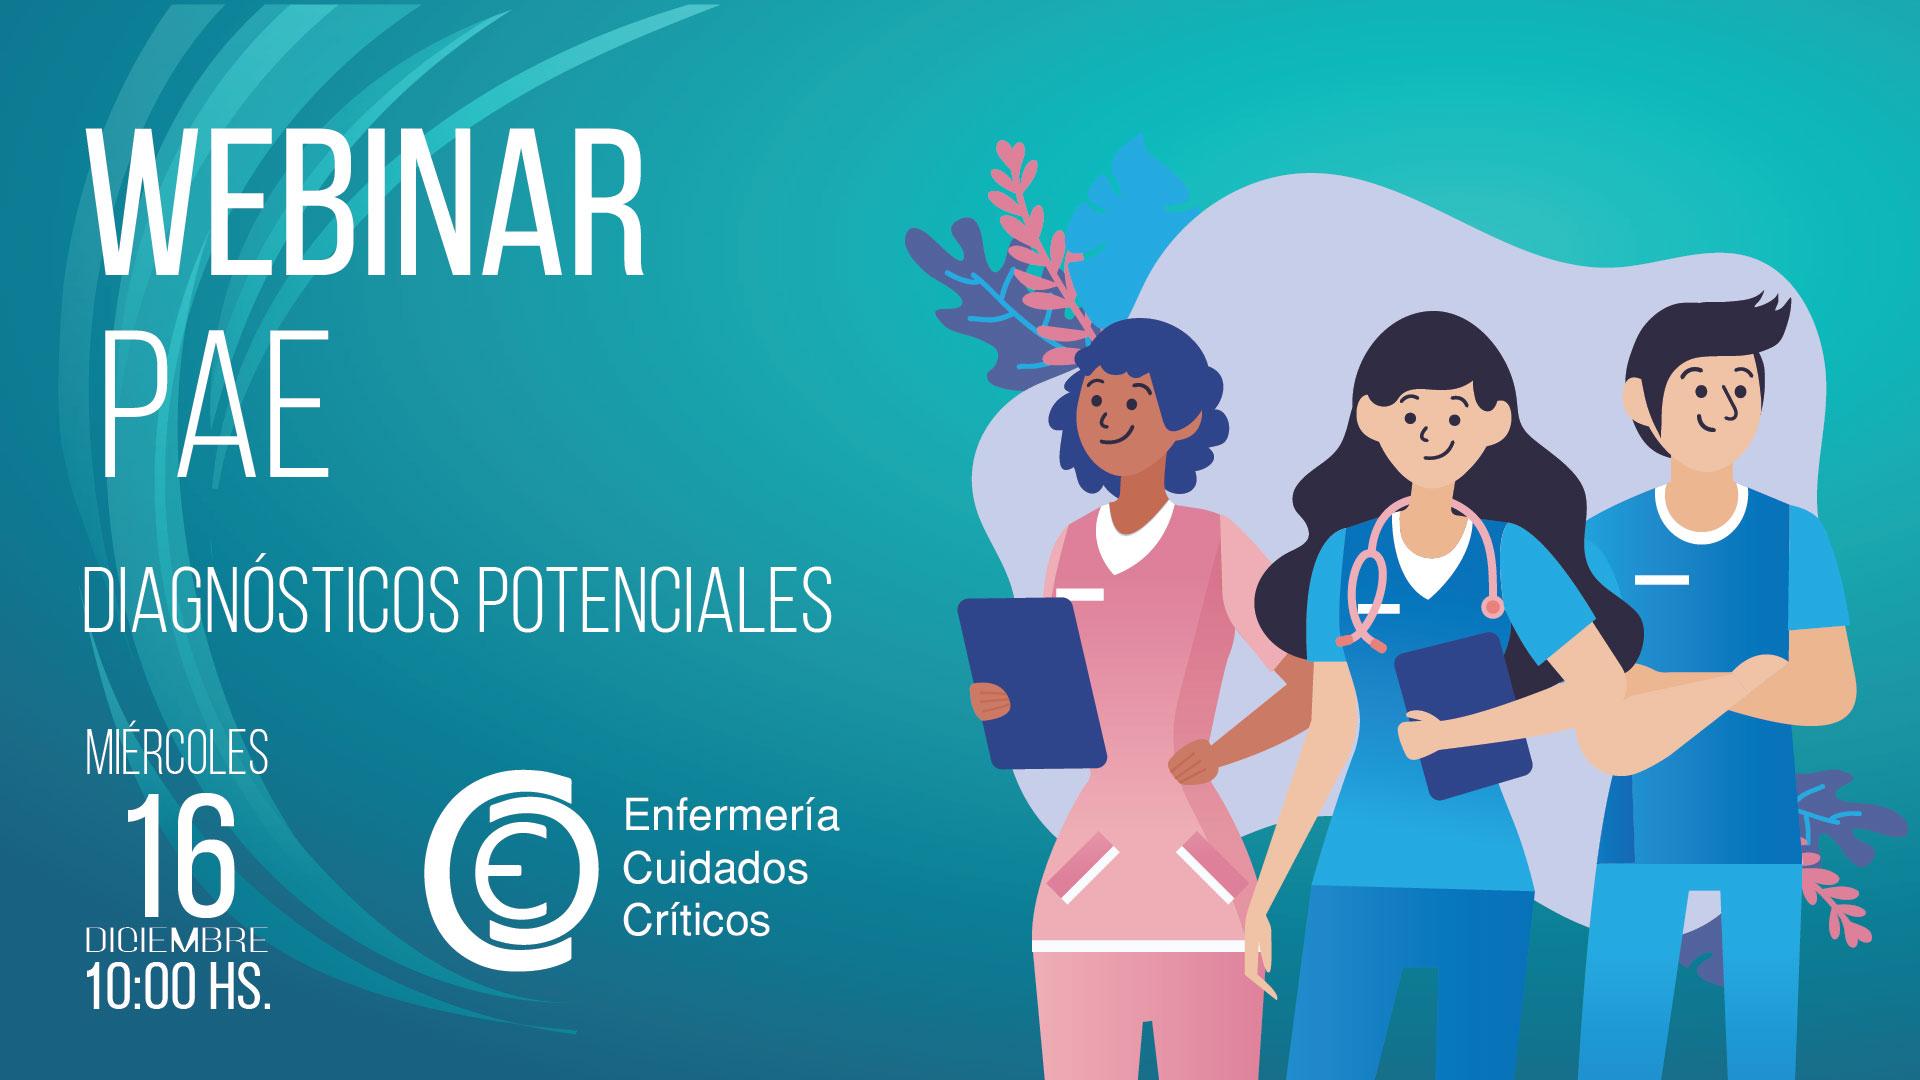 Webinar: Proceso de Atención de Enfermería (PAE) Diagnósticos Potenciales